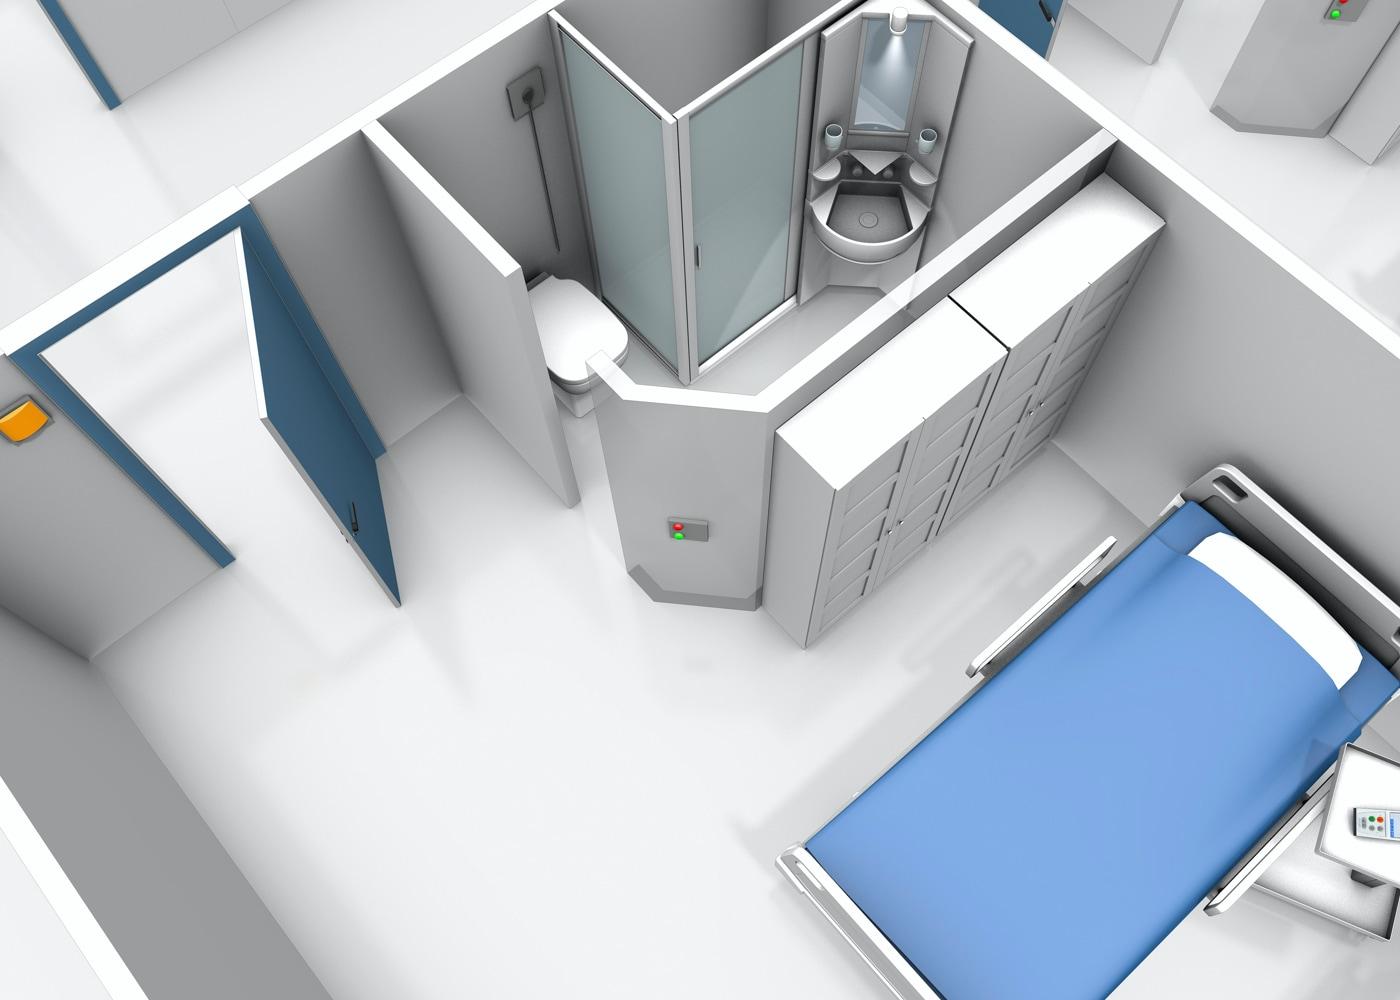 Aufschnitt einer 3D Ansicht eines Krankenhauszimmers